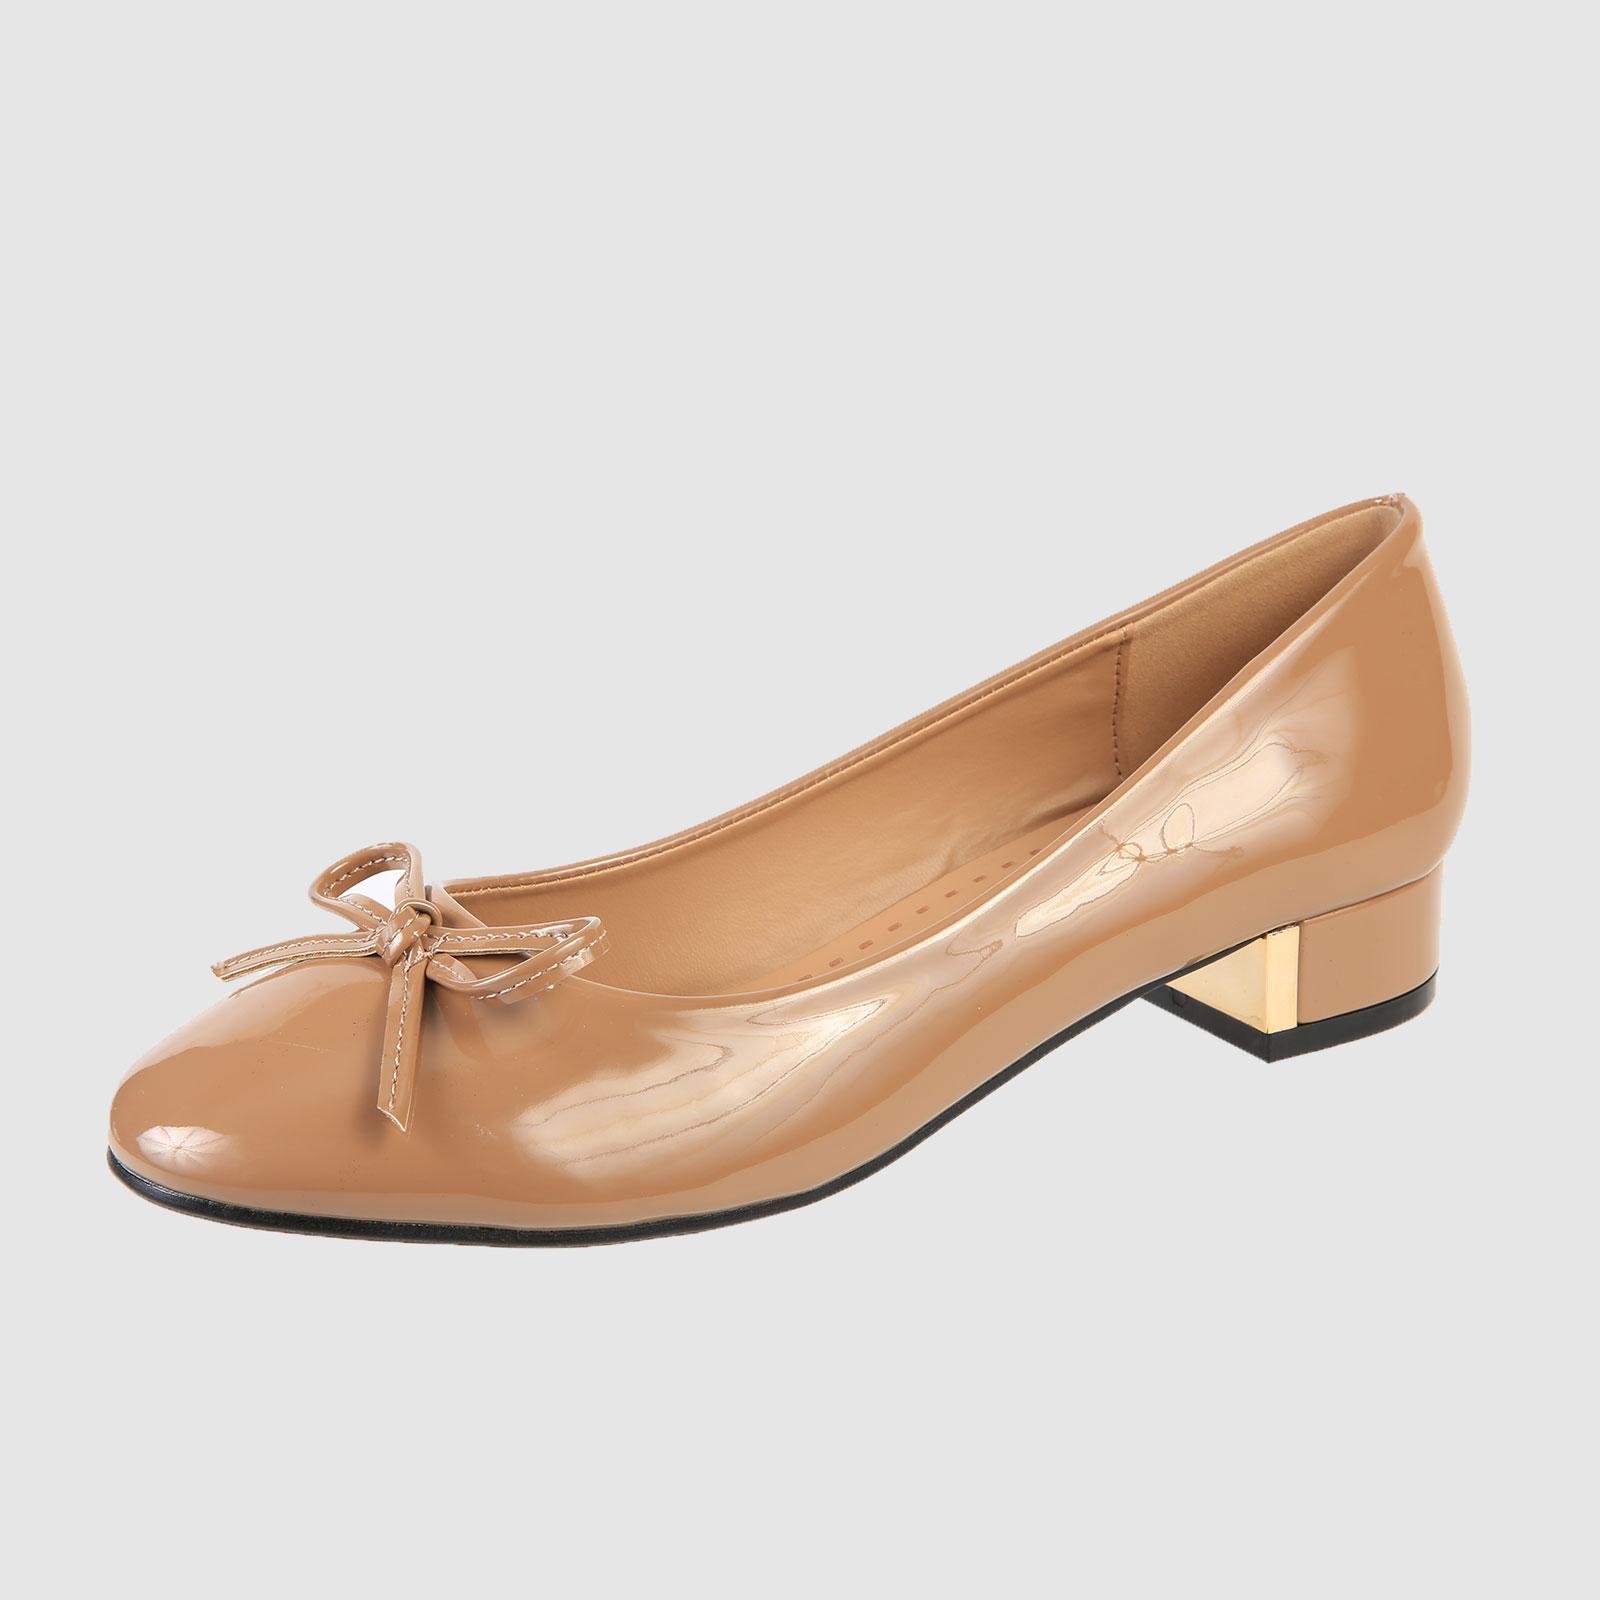 Летние женские туфли с бантиком на мысу